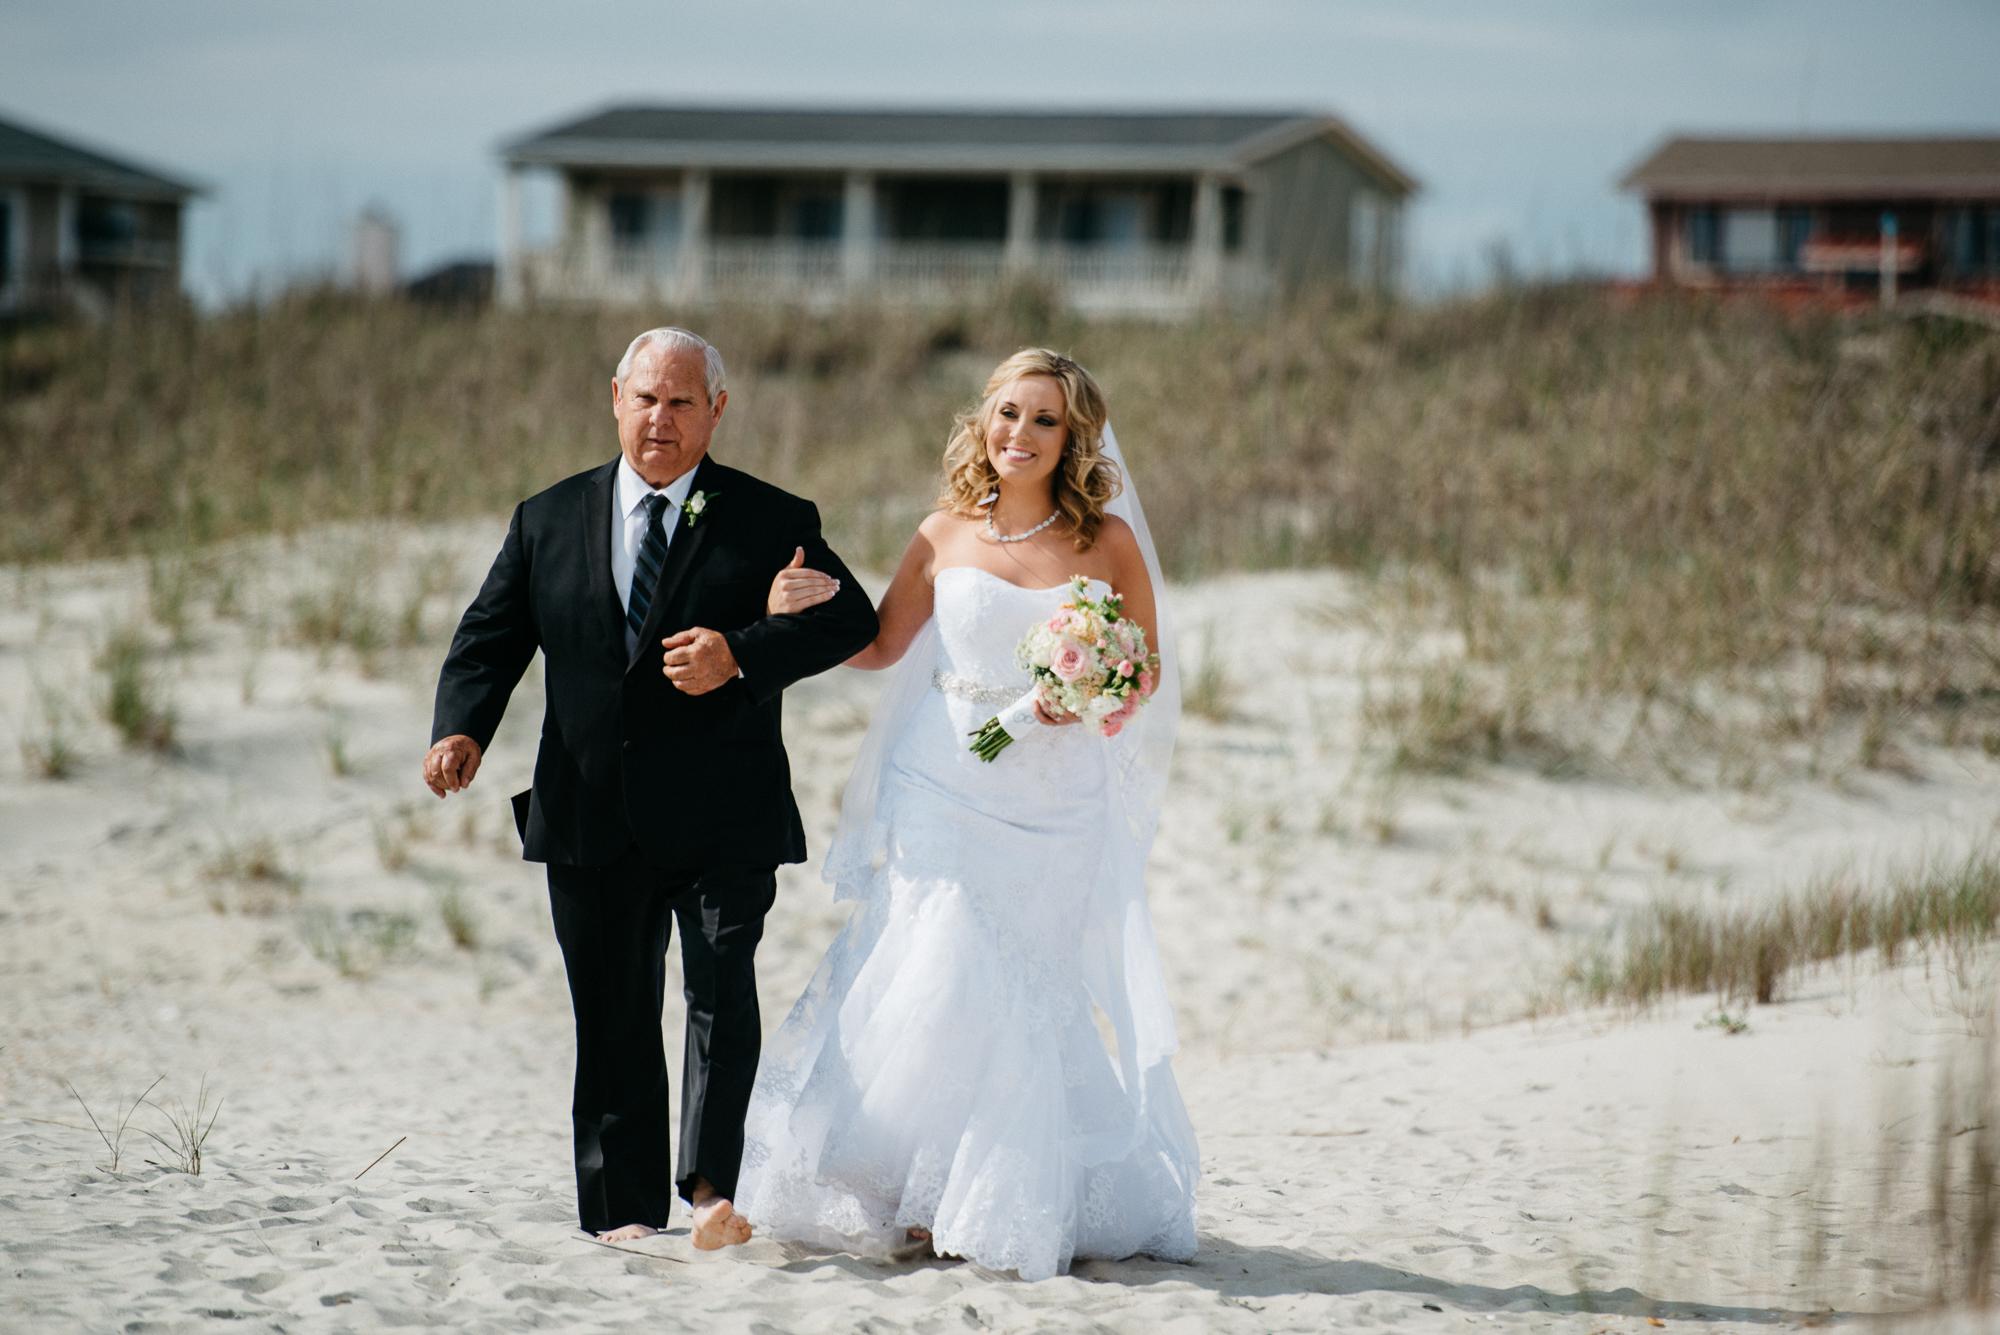 Trisha-Pat-wedding-blog-18.jpg